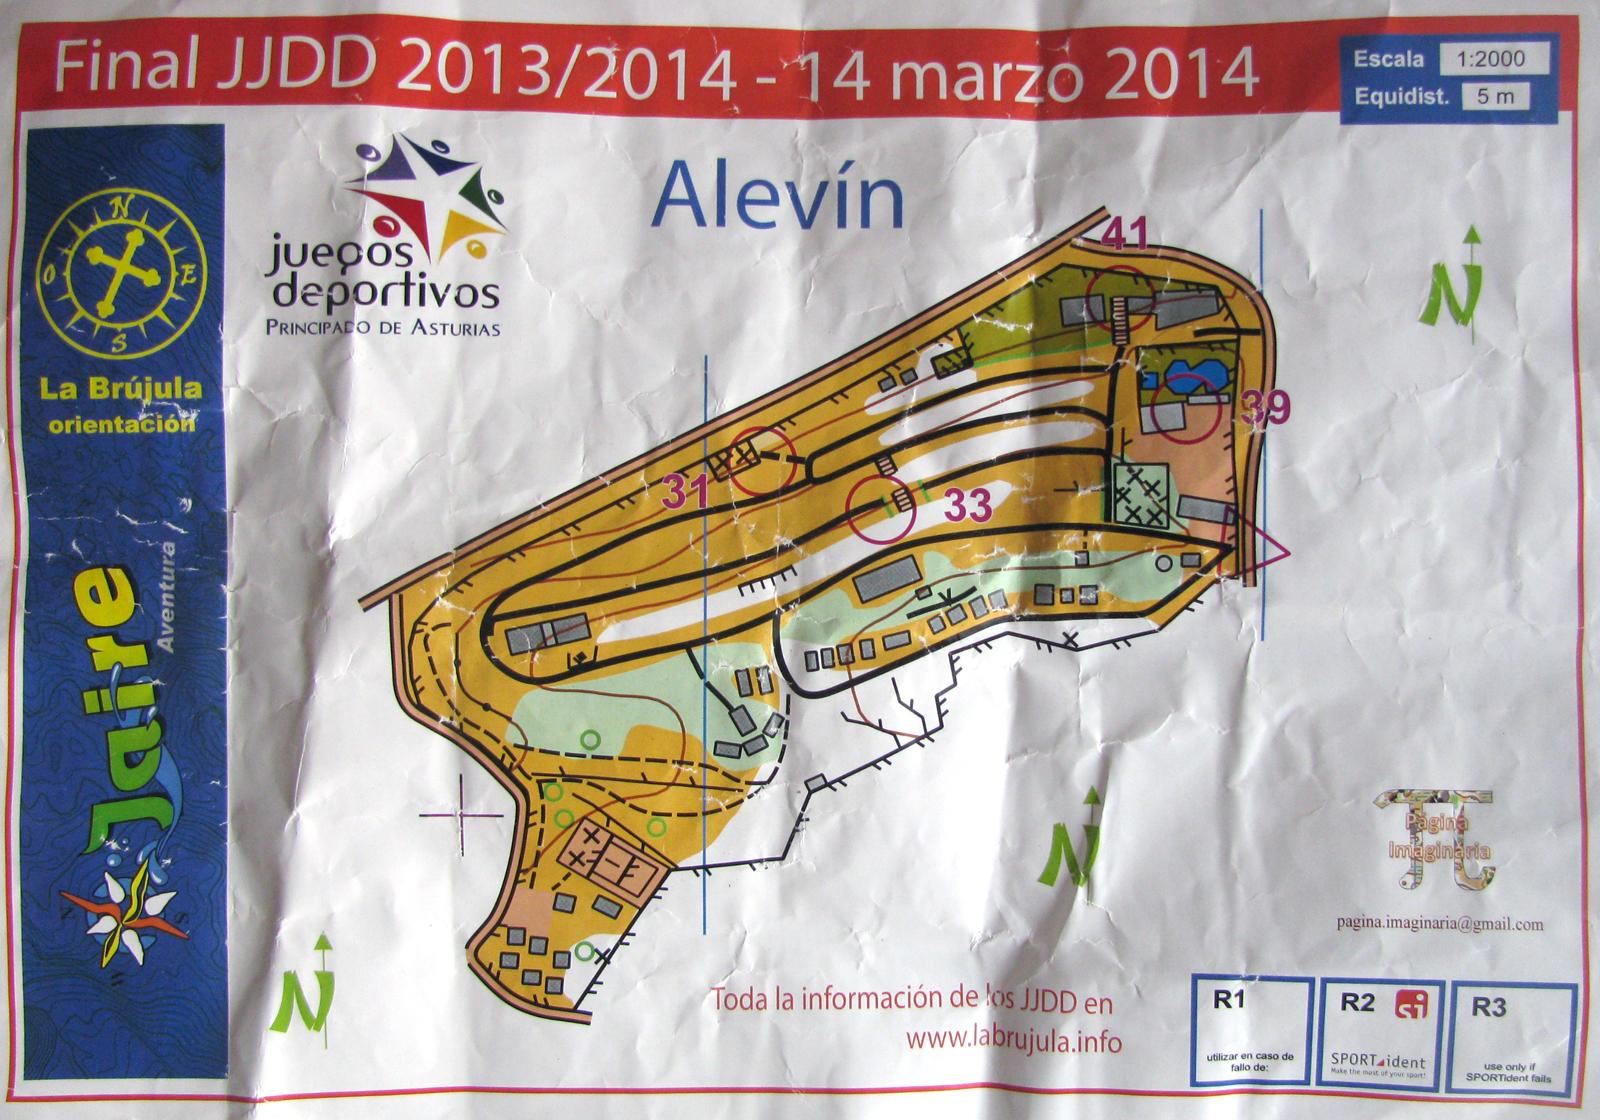 JD2014_Alevin_SCORE